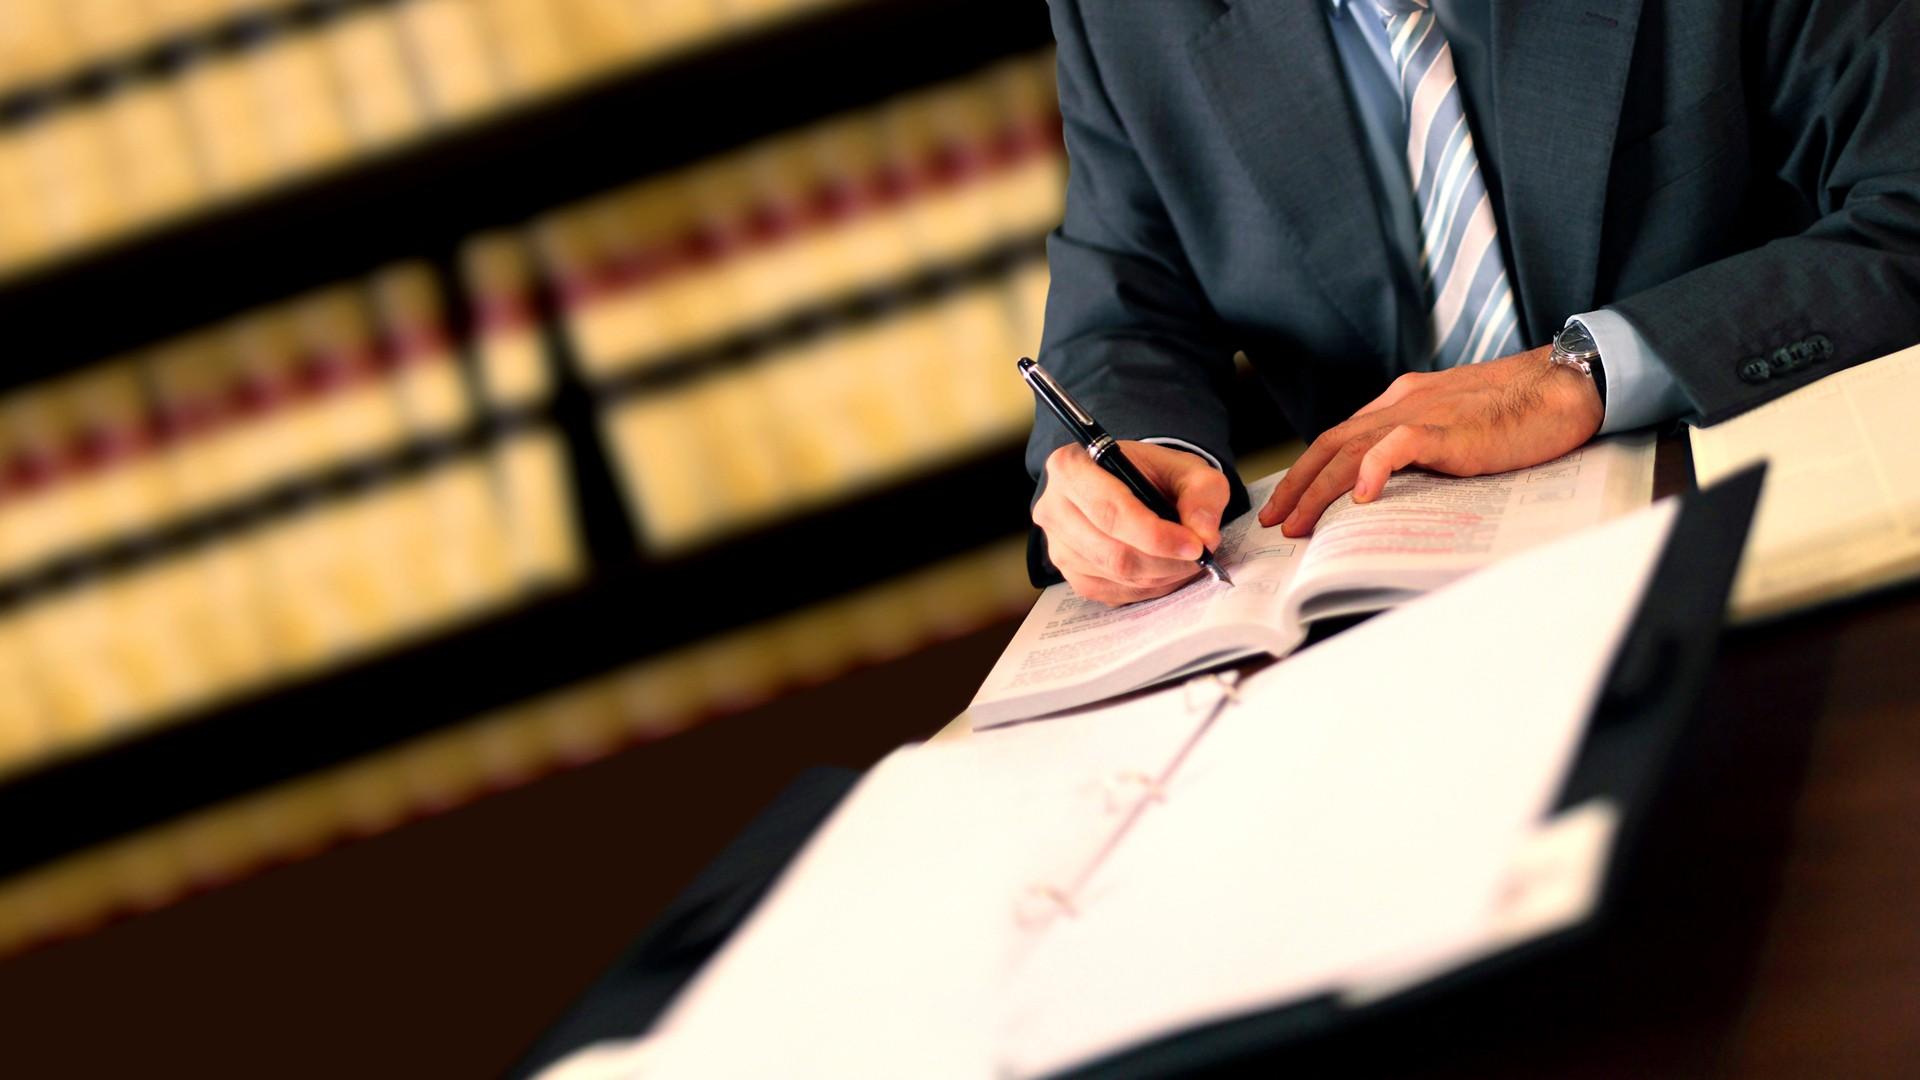 000 abogados derecho